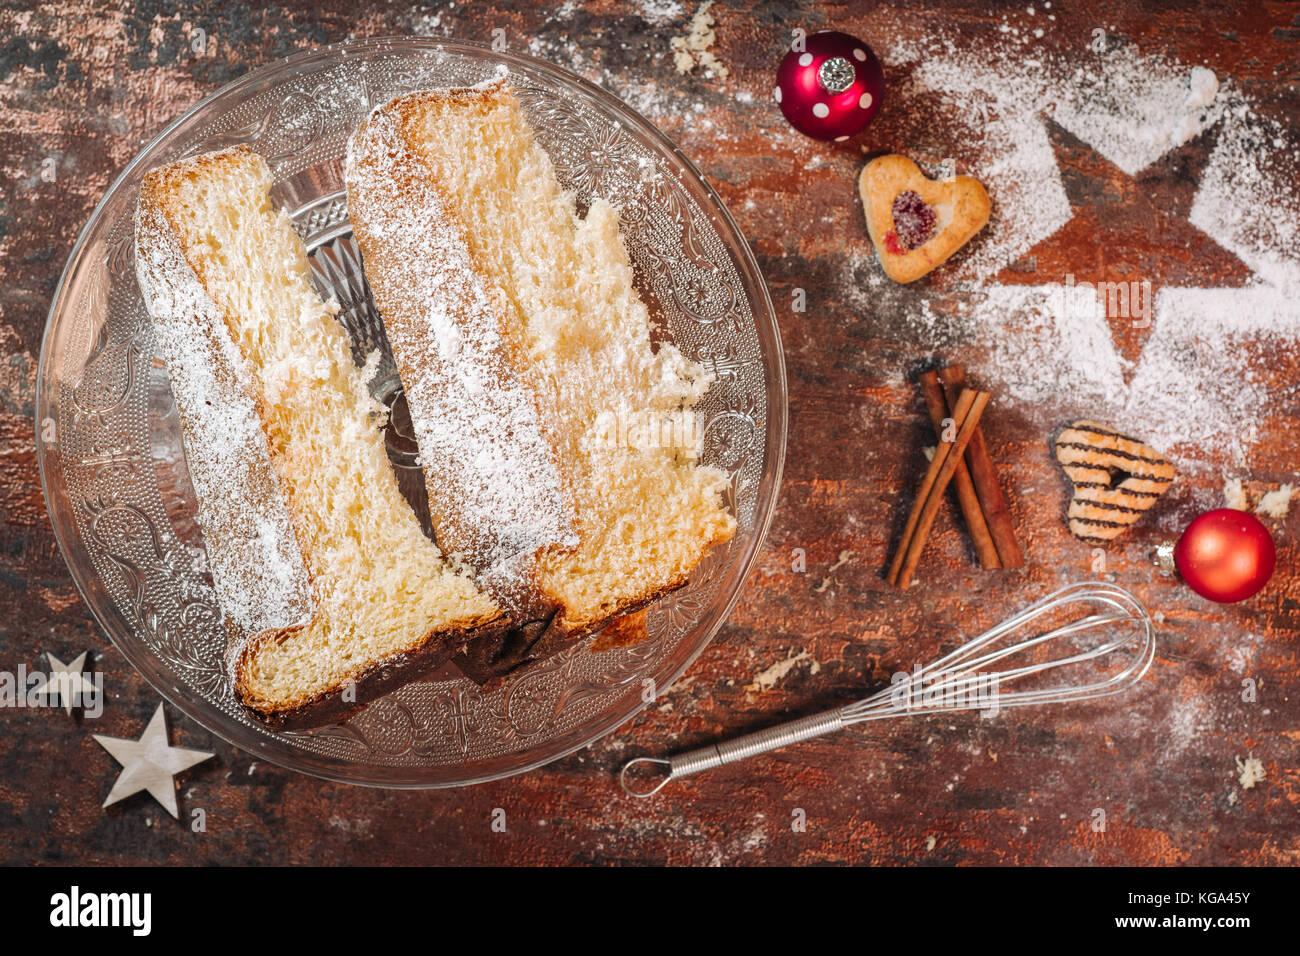 Traditionelle Italienische Pandoro Kuchen Weihnachten Zu Feiern